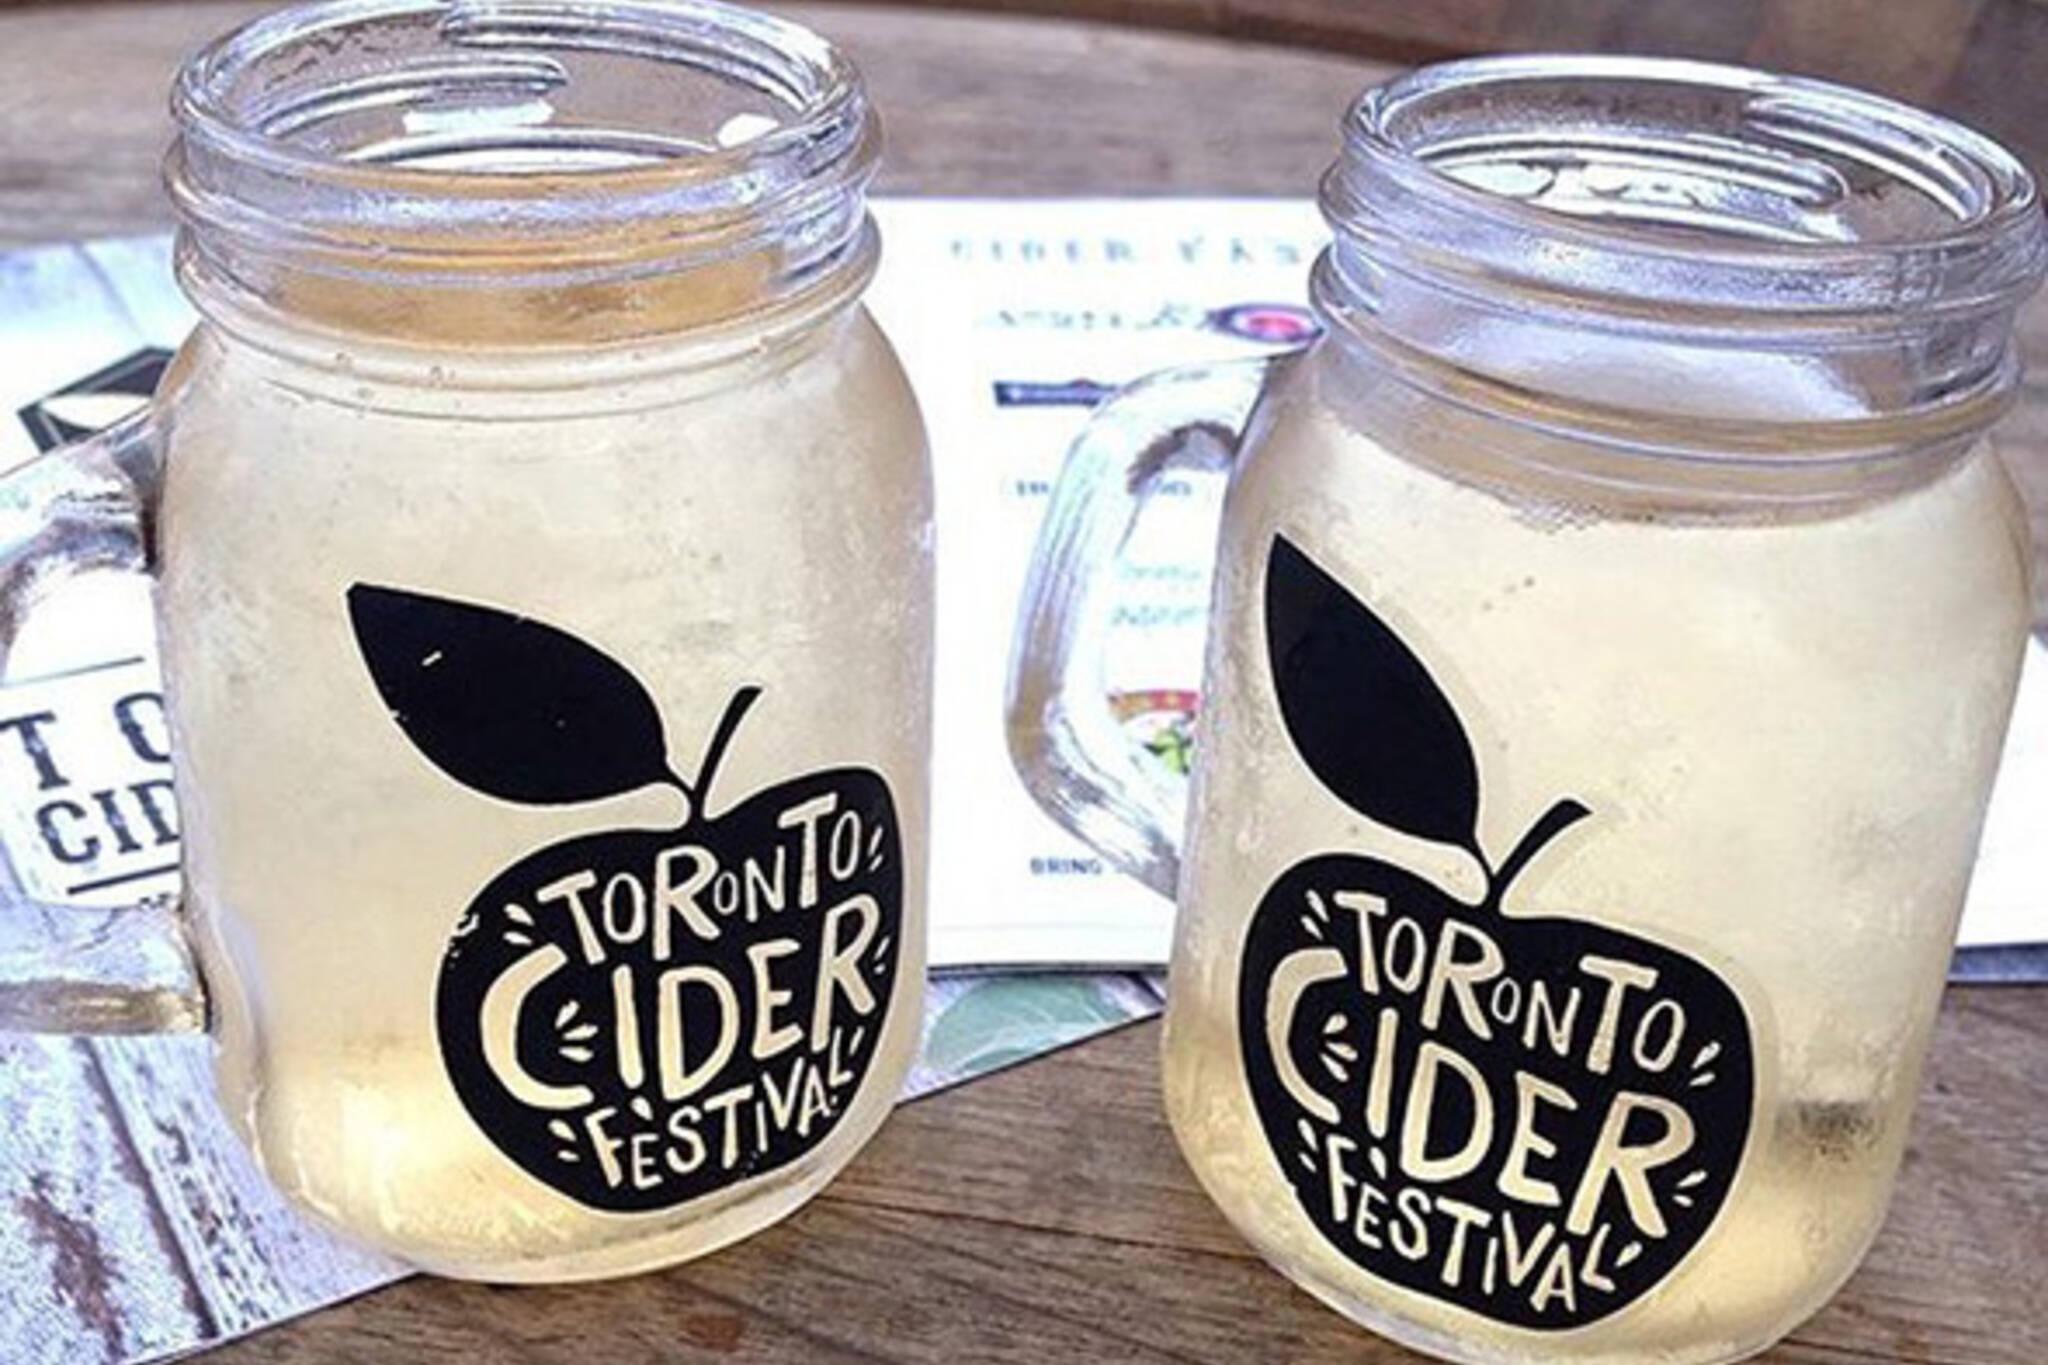 Toronto cider festival